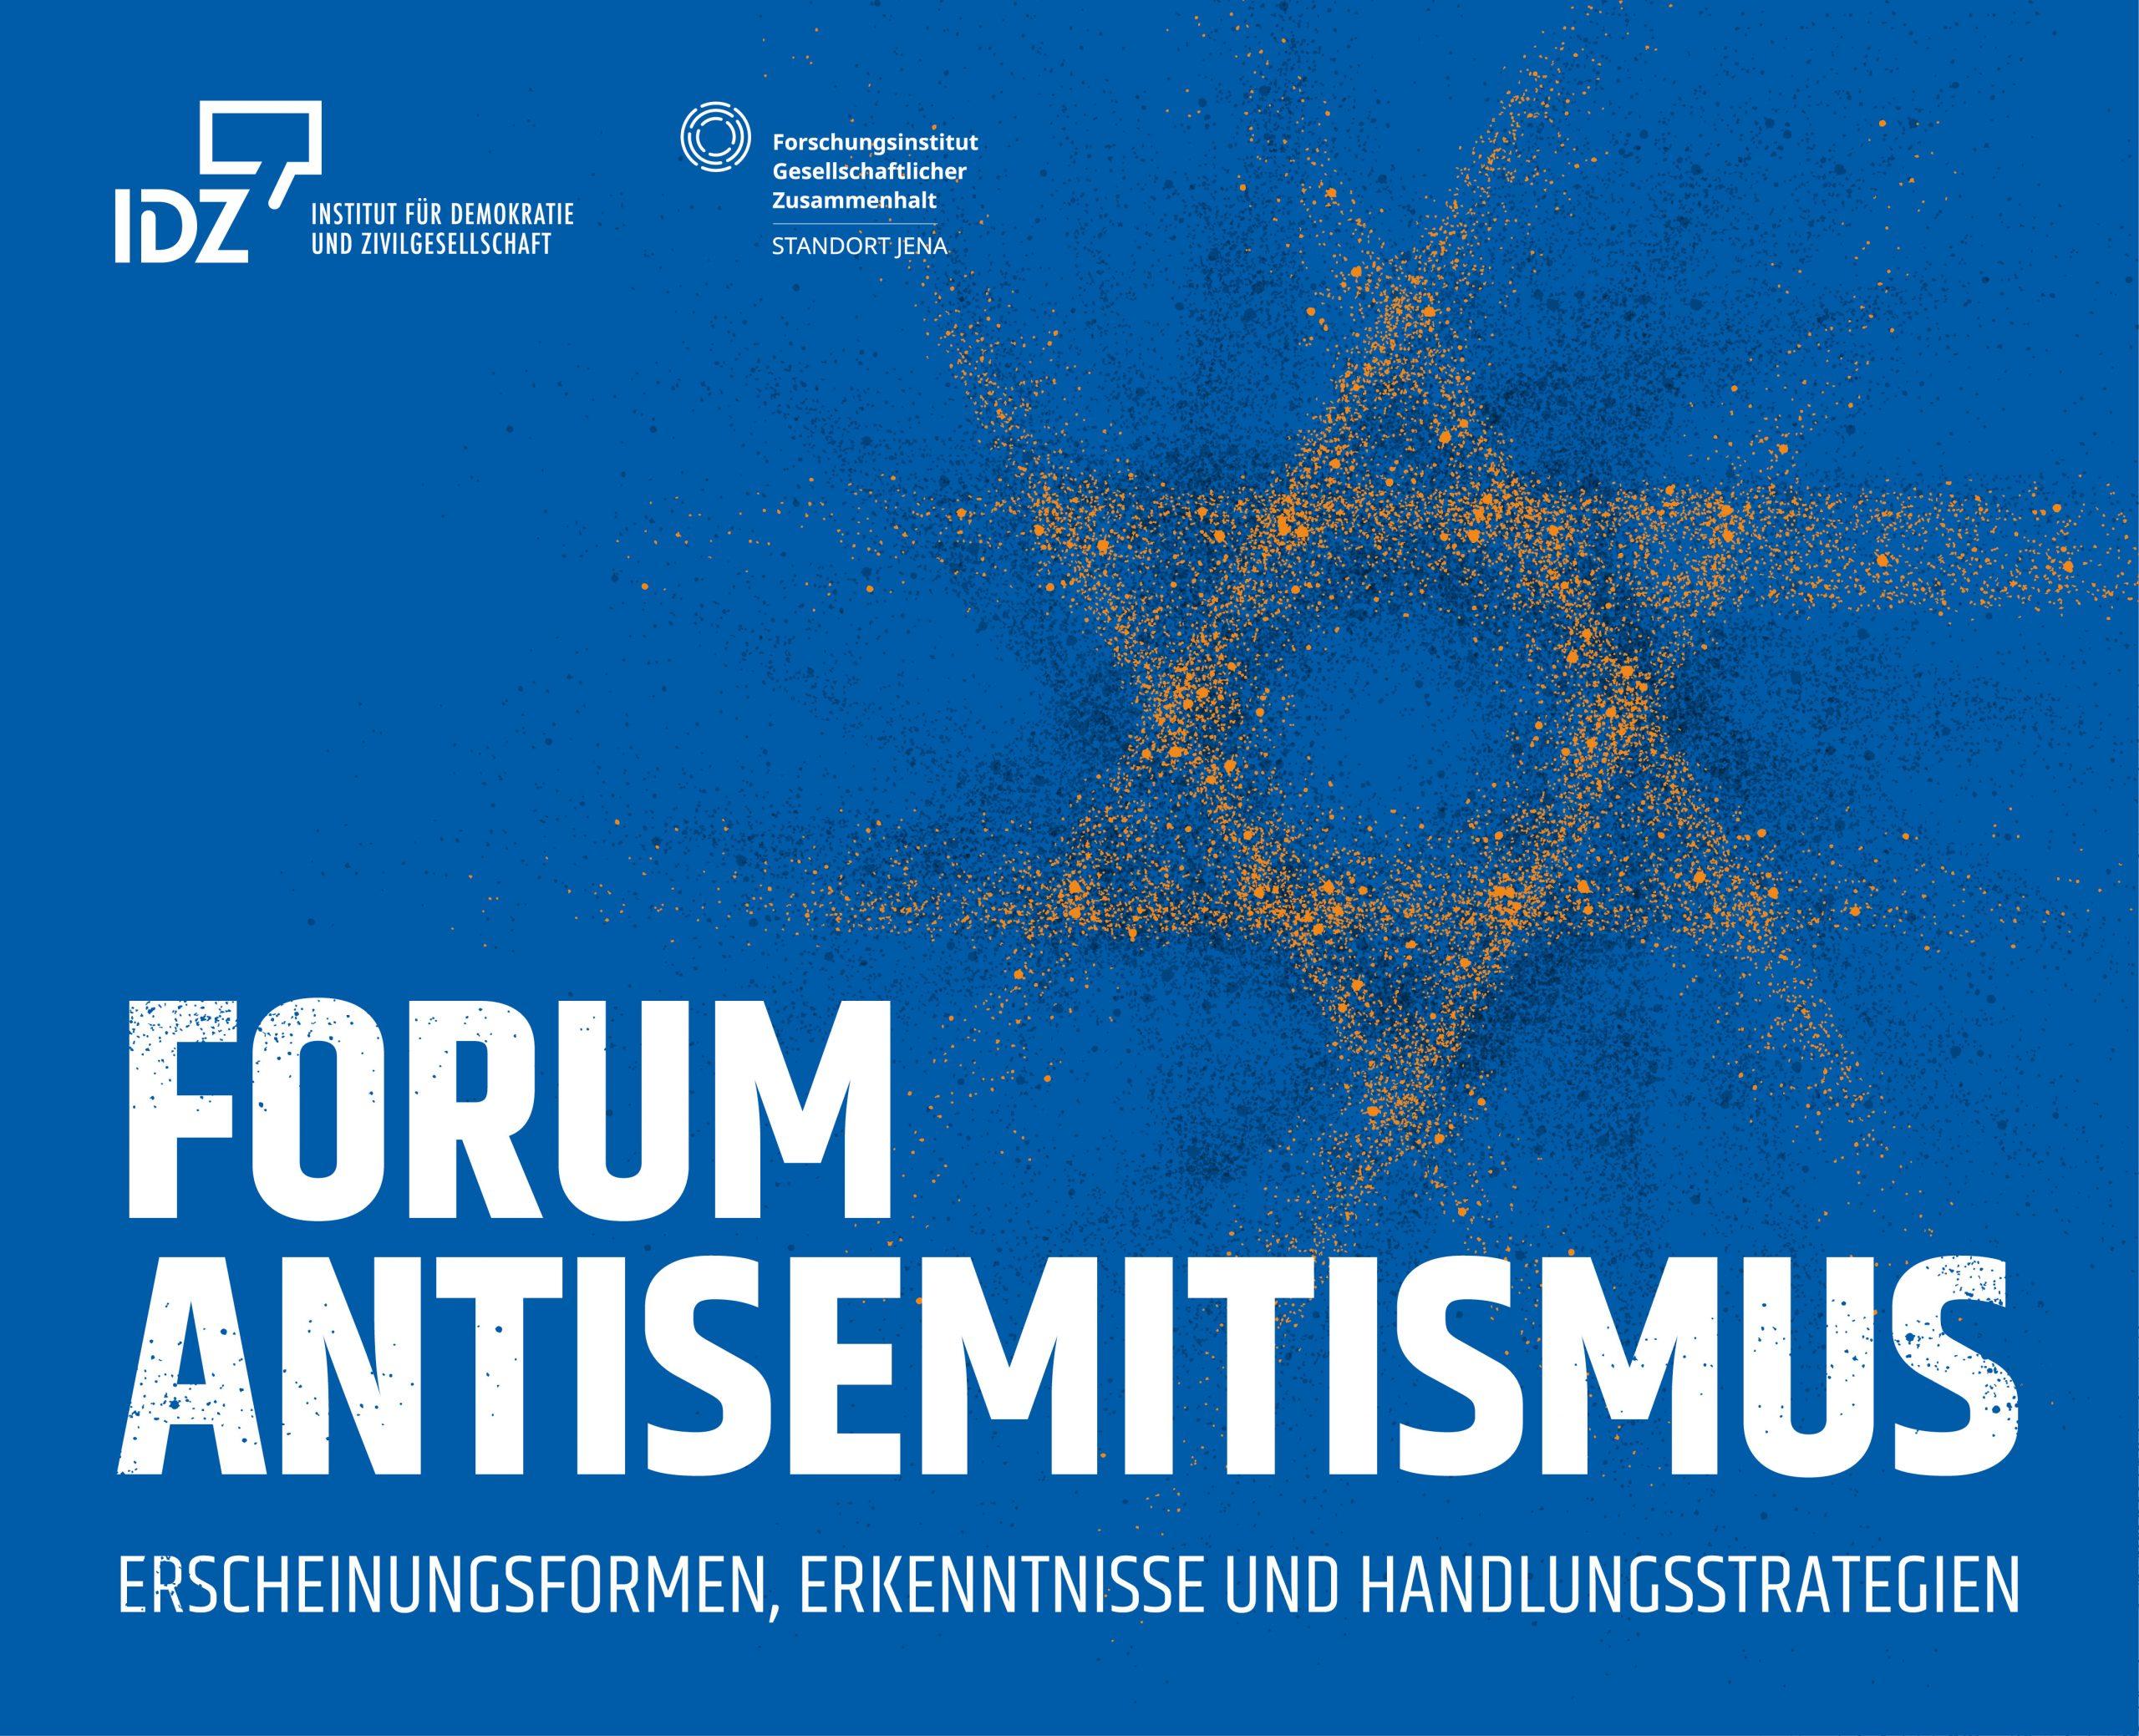 Forum Antisemitismus Institut für Demokratie und Zivilgesellschaft